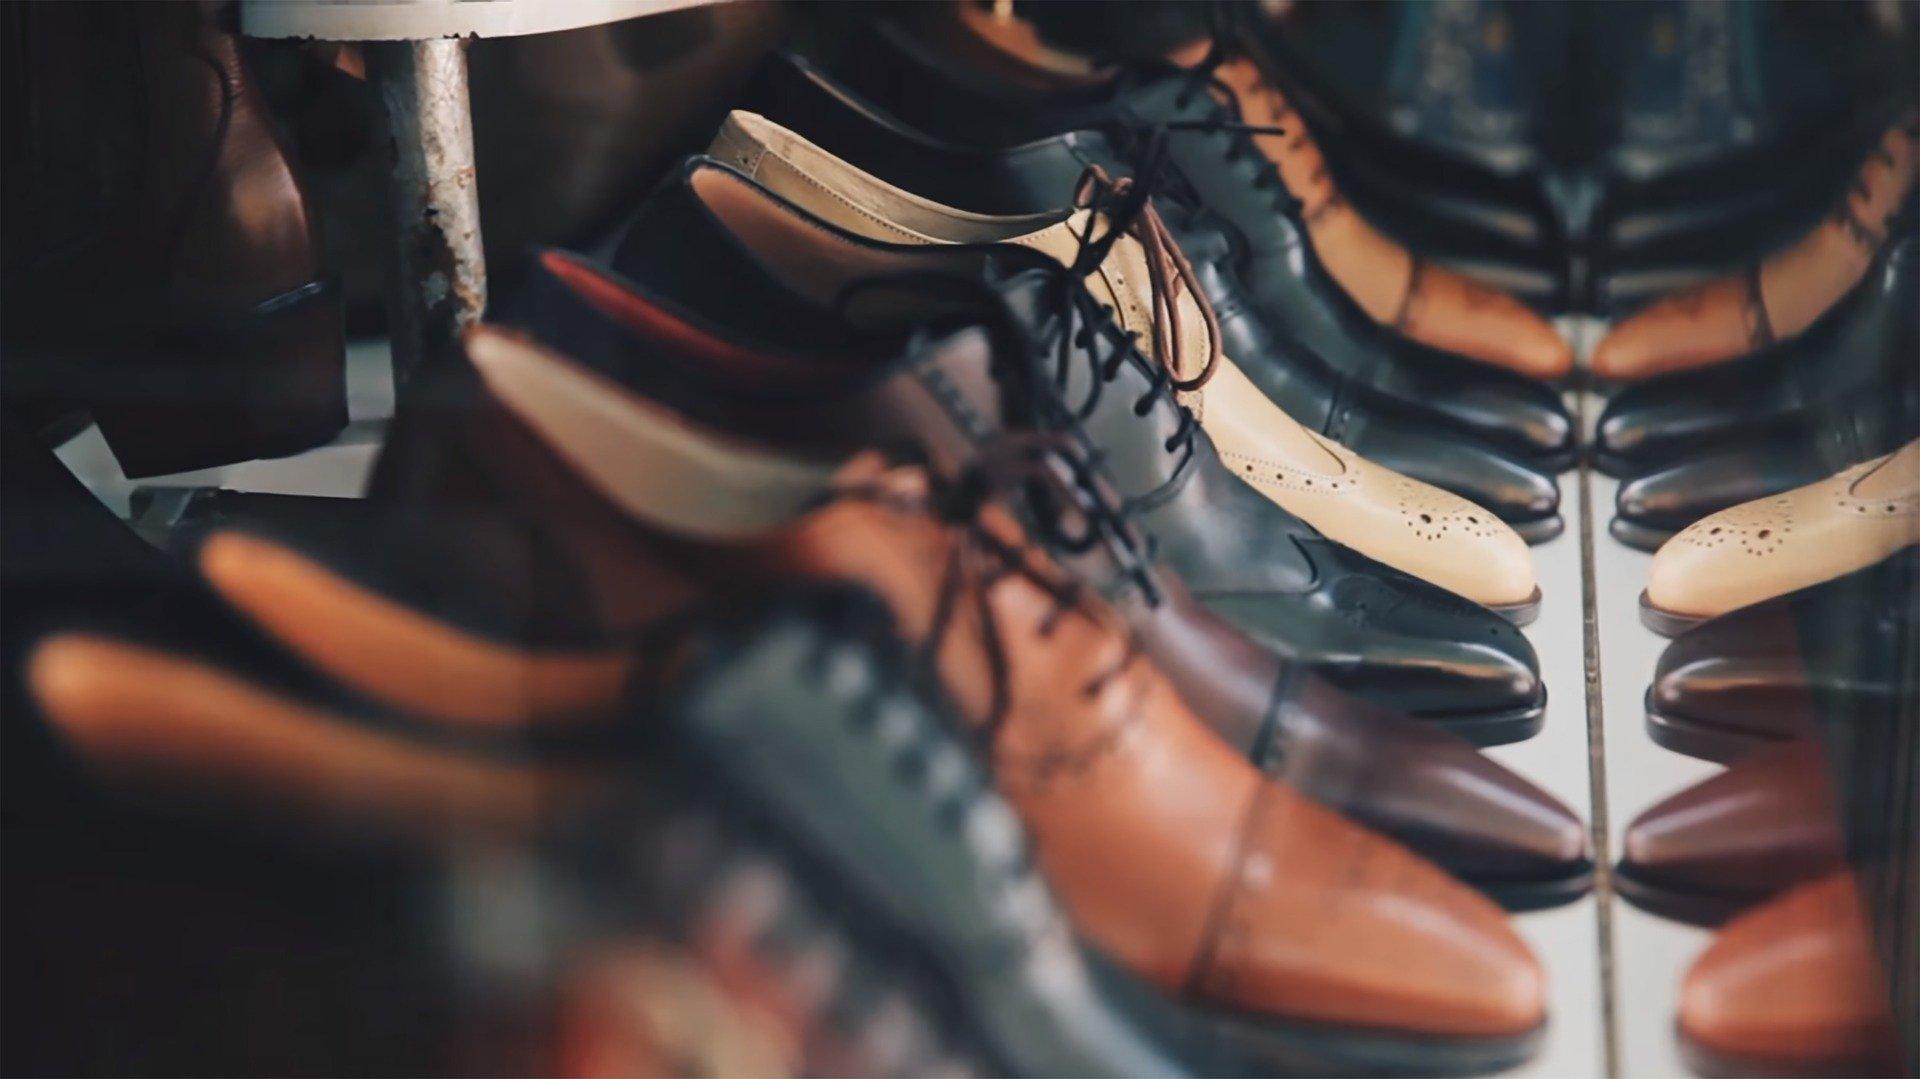 isq ミニマリスト化 靴